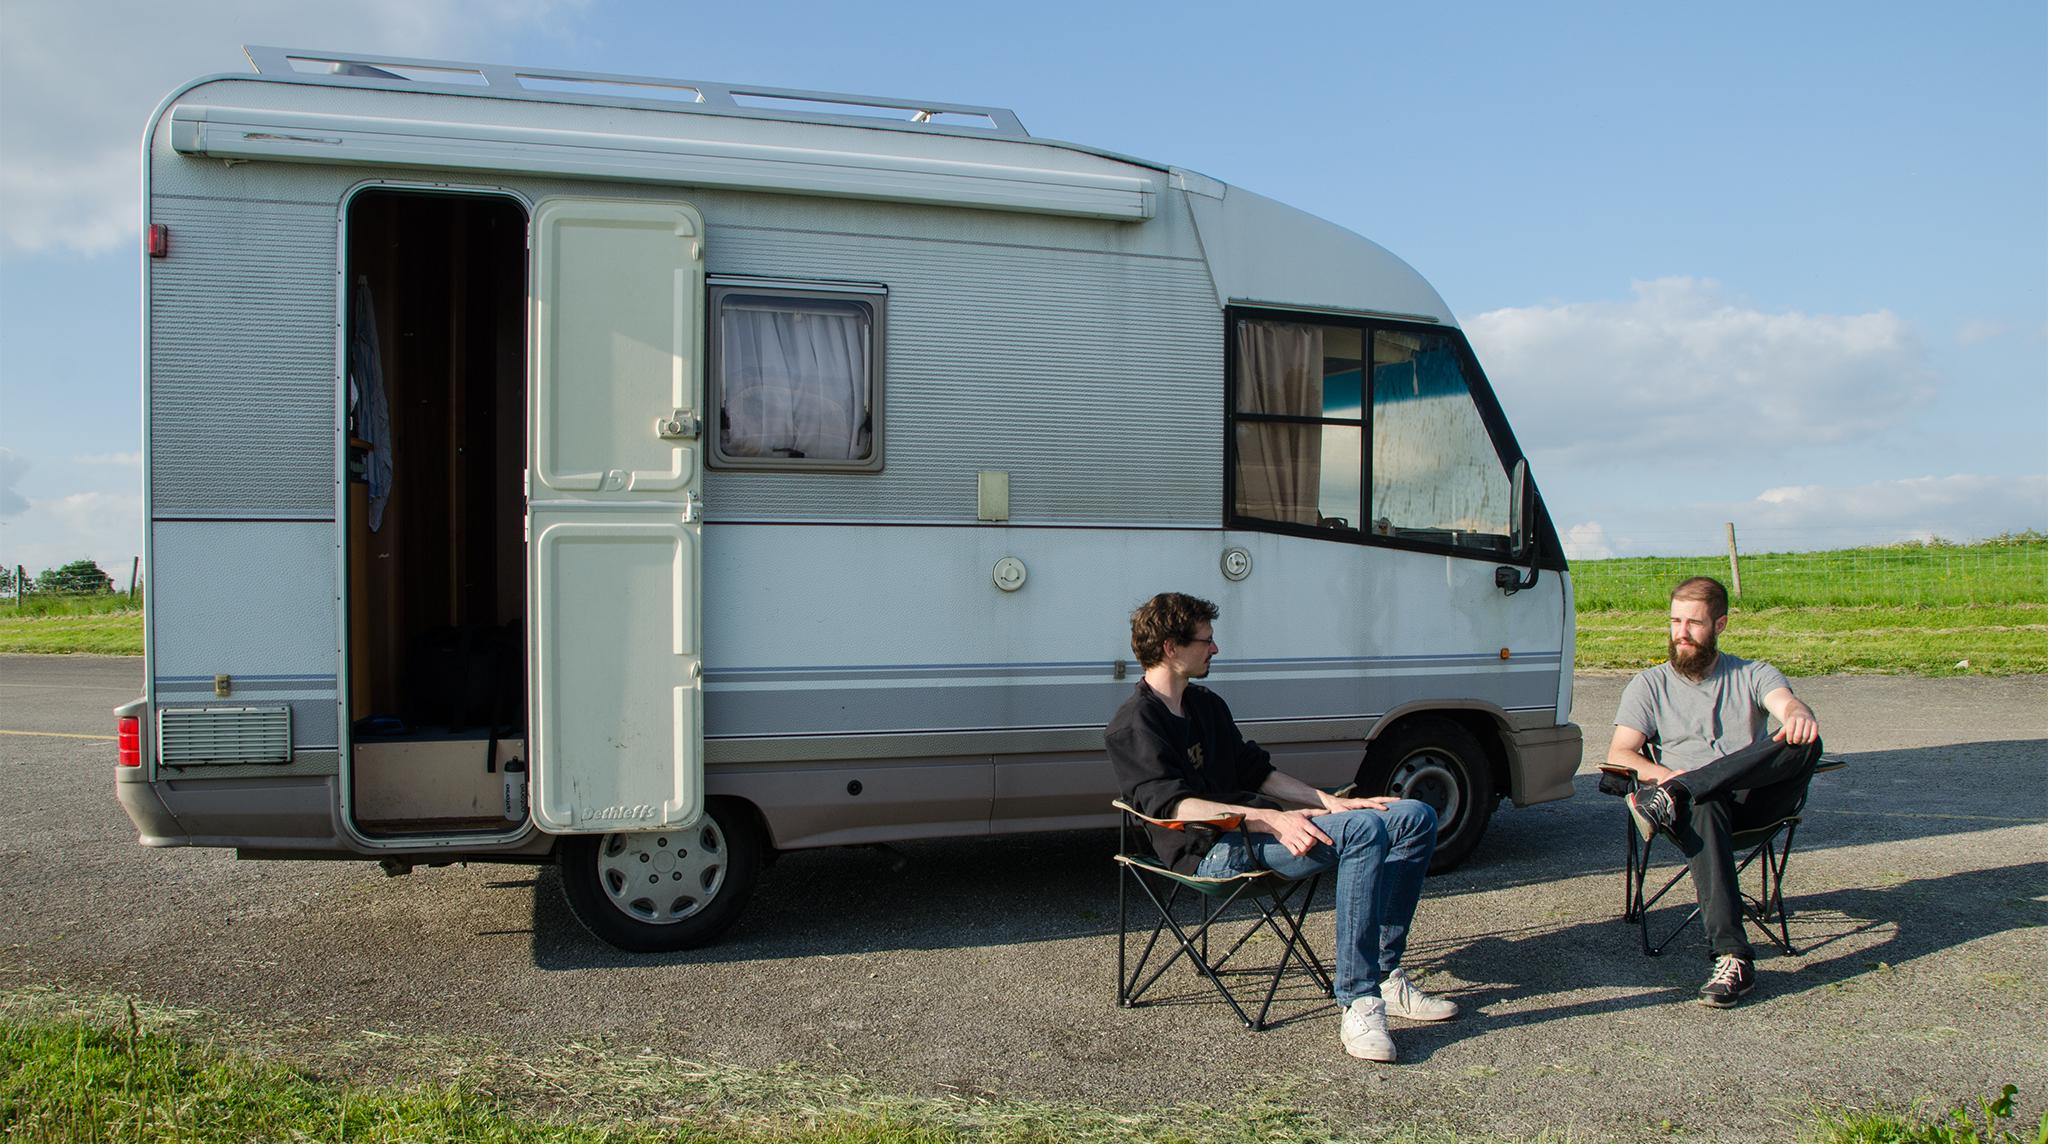 Kleiner Kühlschrank Wohnmobil : Der mann der in einem wohnmobil wohnt: unterwegs mit felix